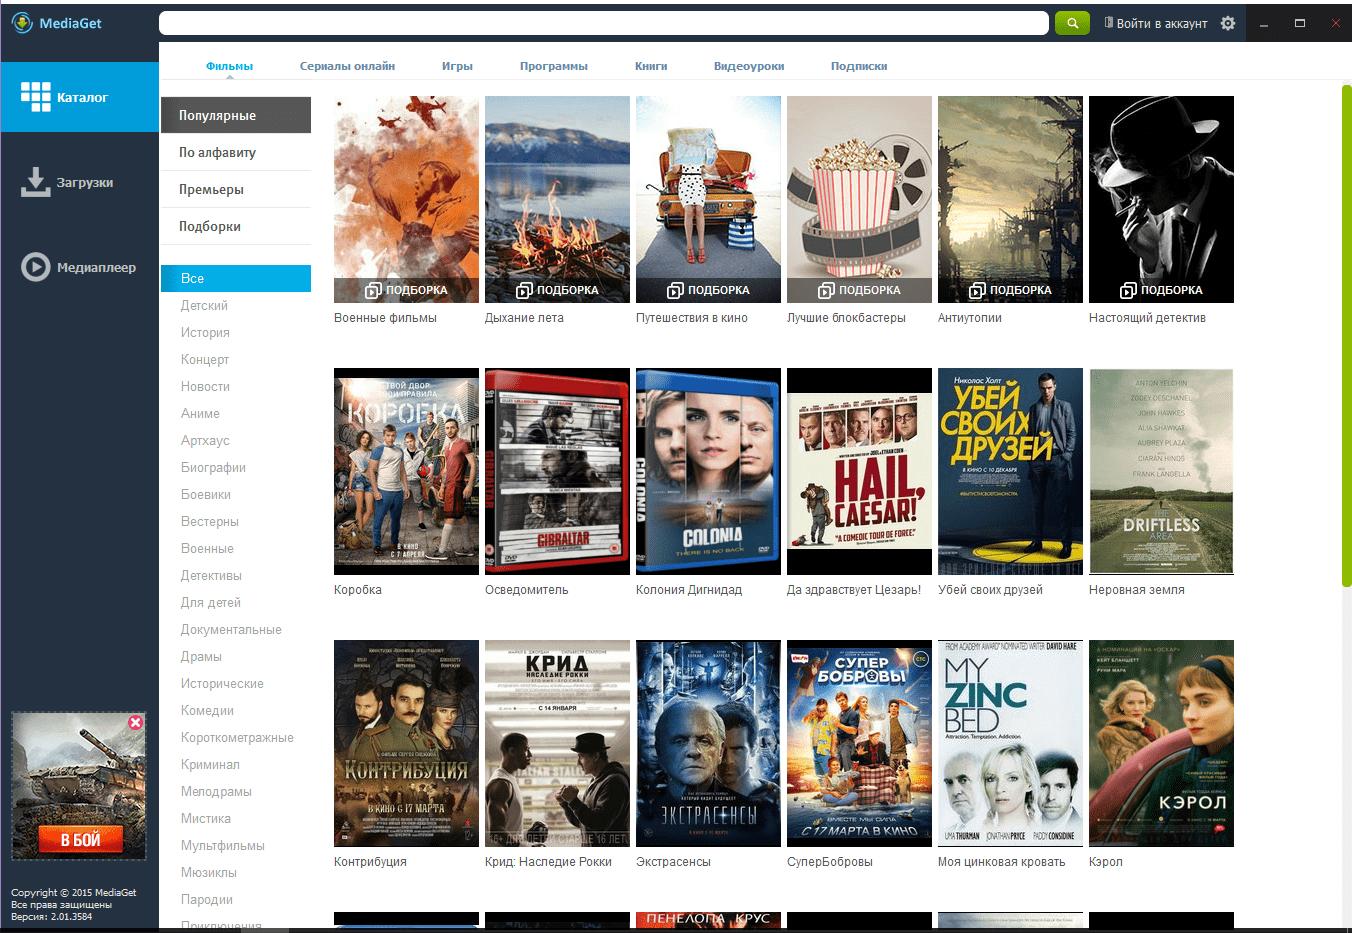 Фильмы в MediaGet